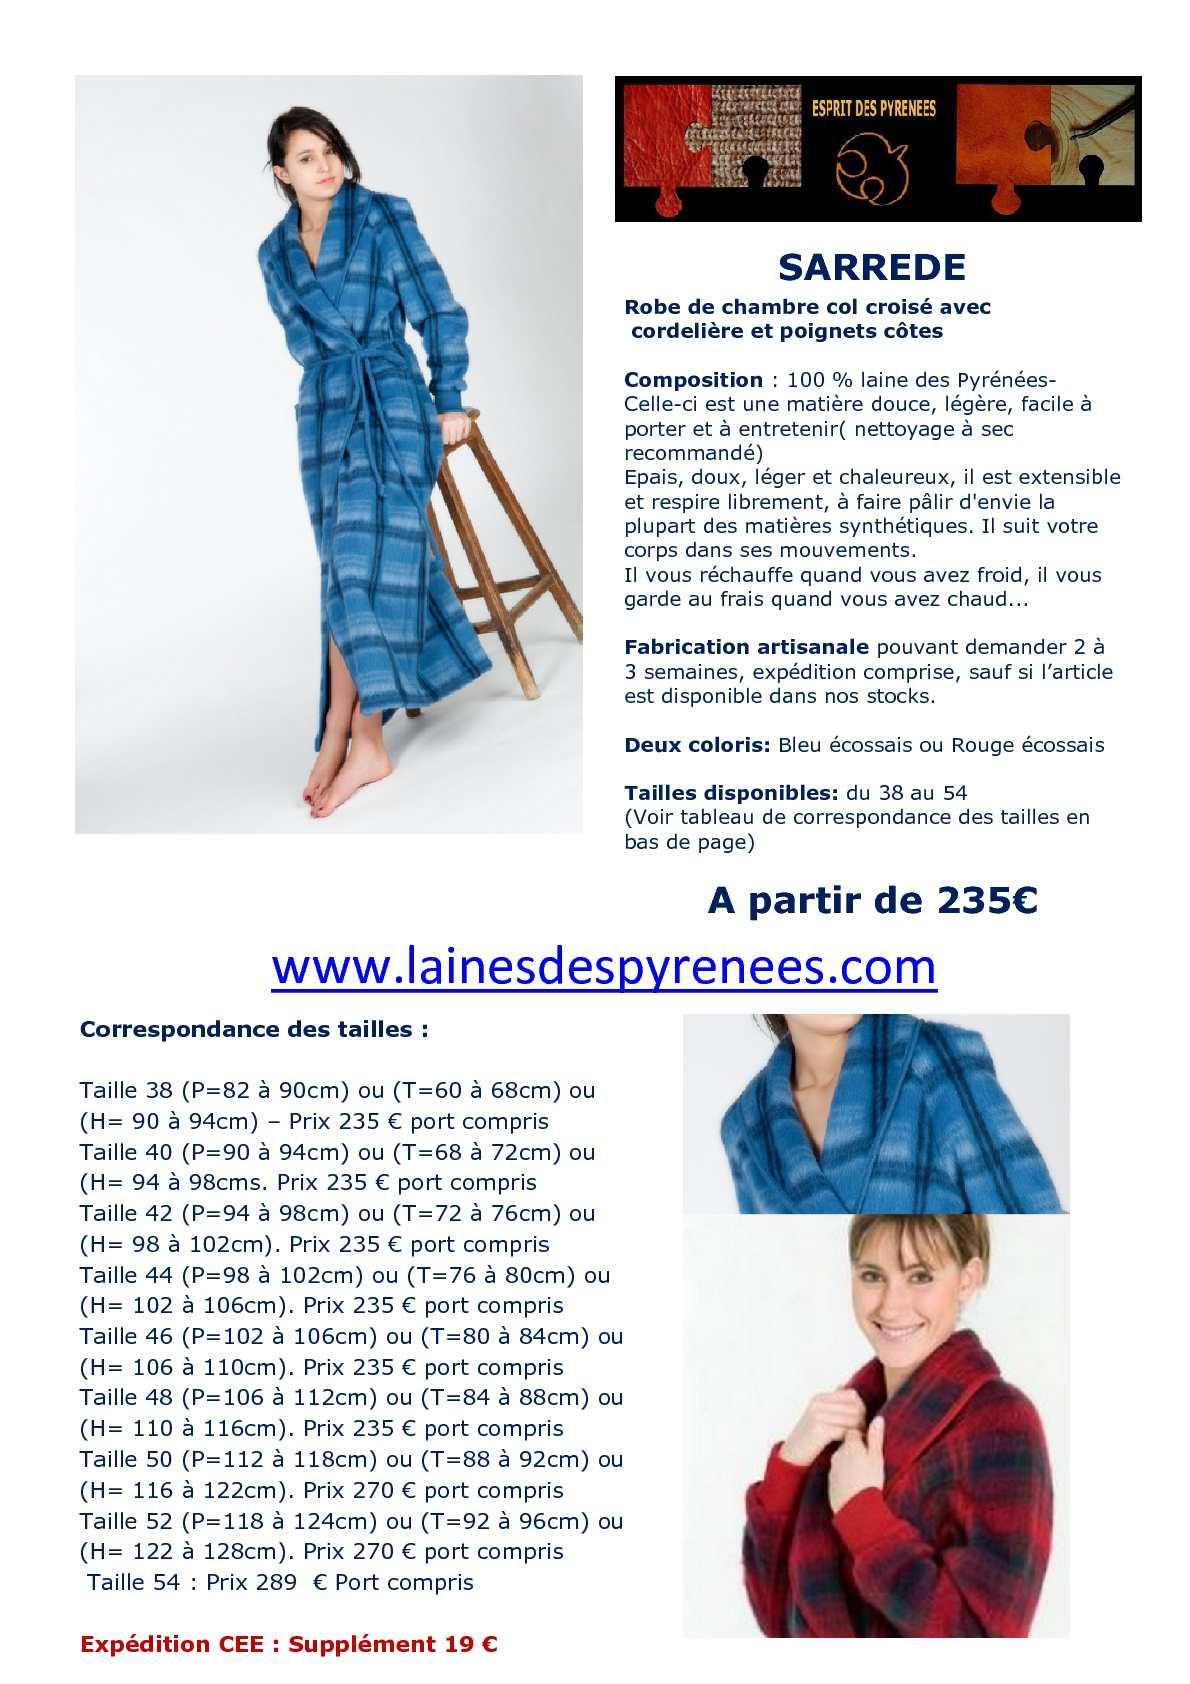 Calameo Robe De Chambre En Laine Des Pyrenees Pour Femme Modele Sarrede